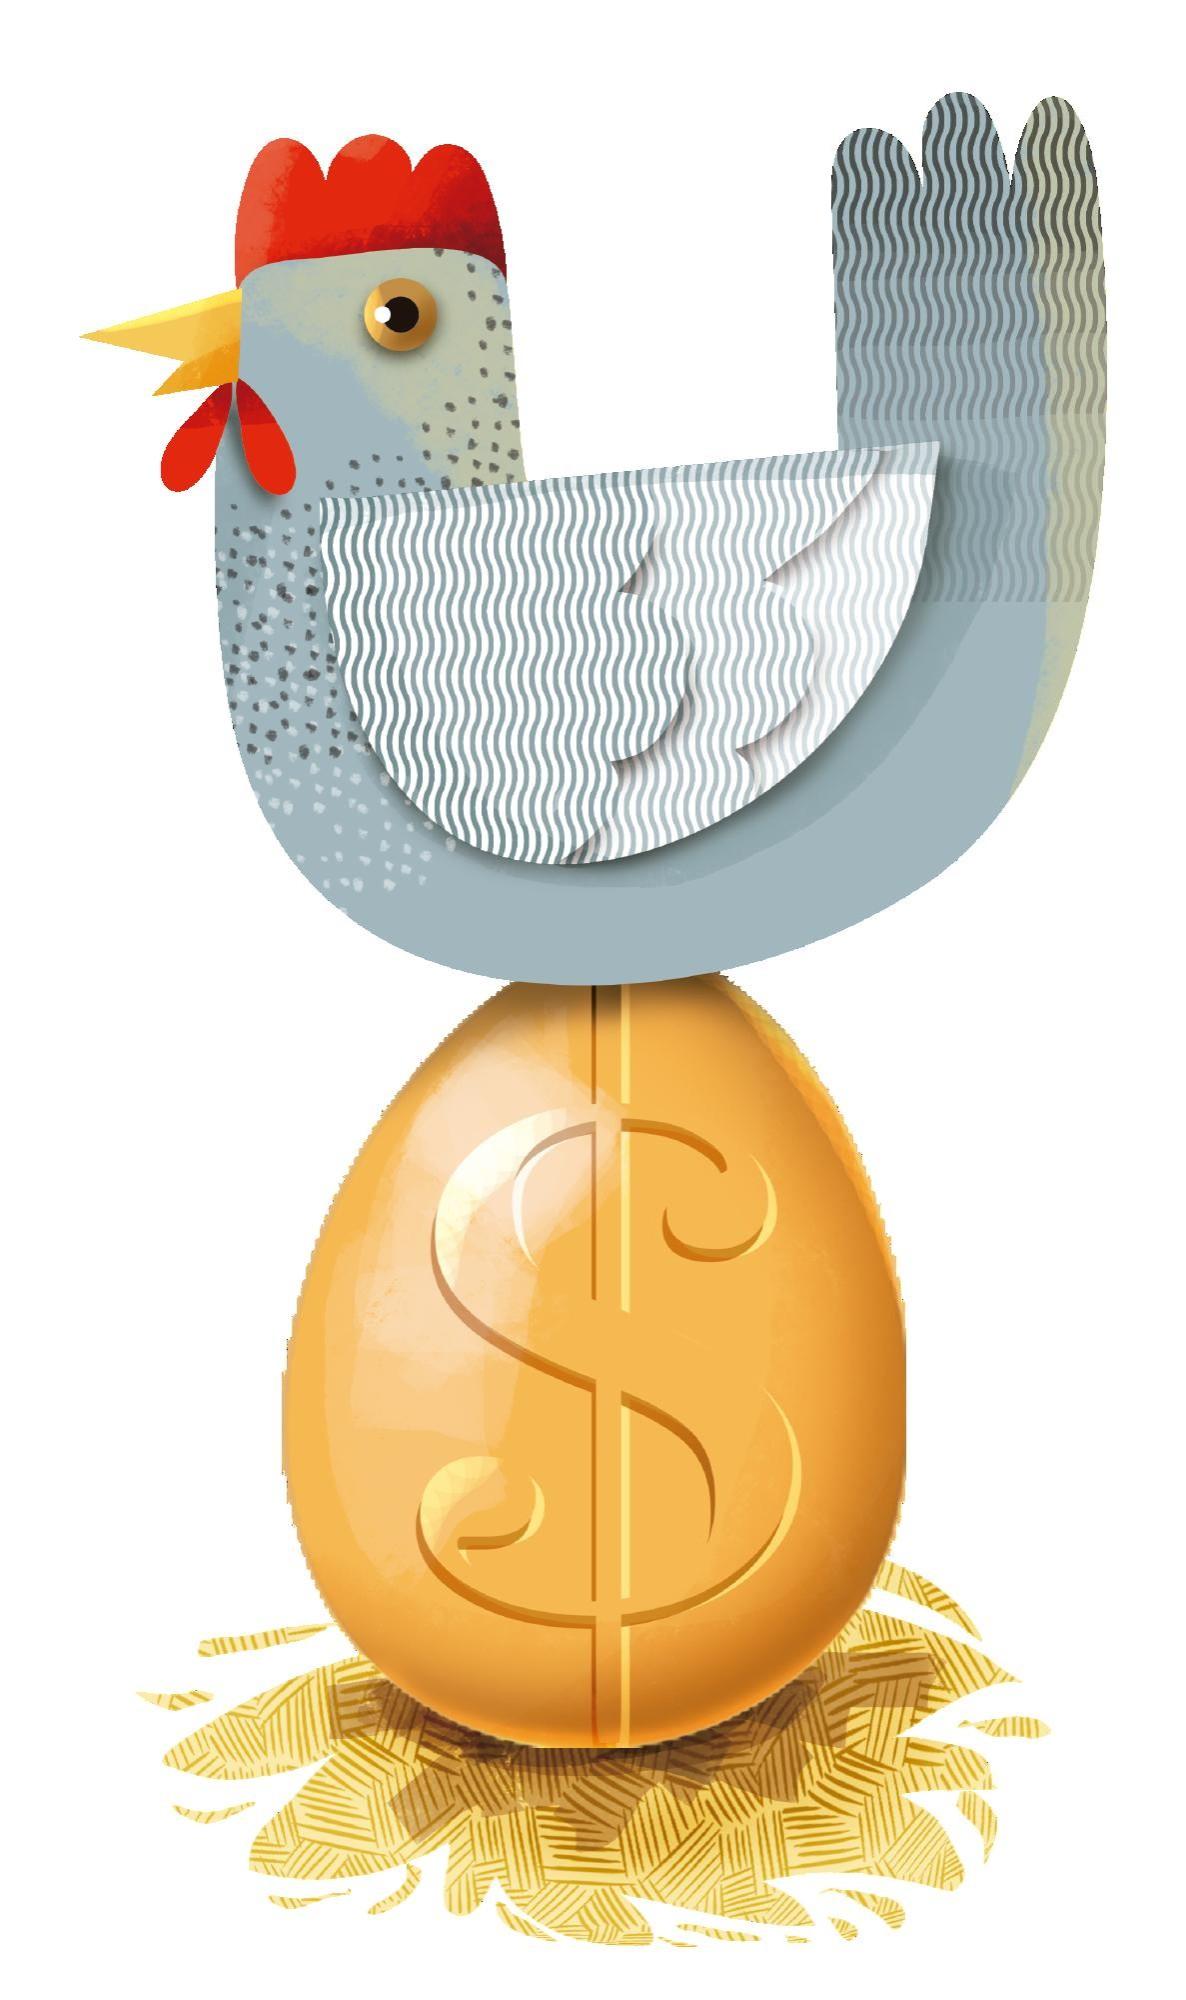 Avicultura: mayor consumo huevo y pollo